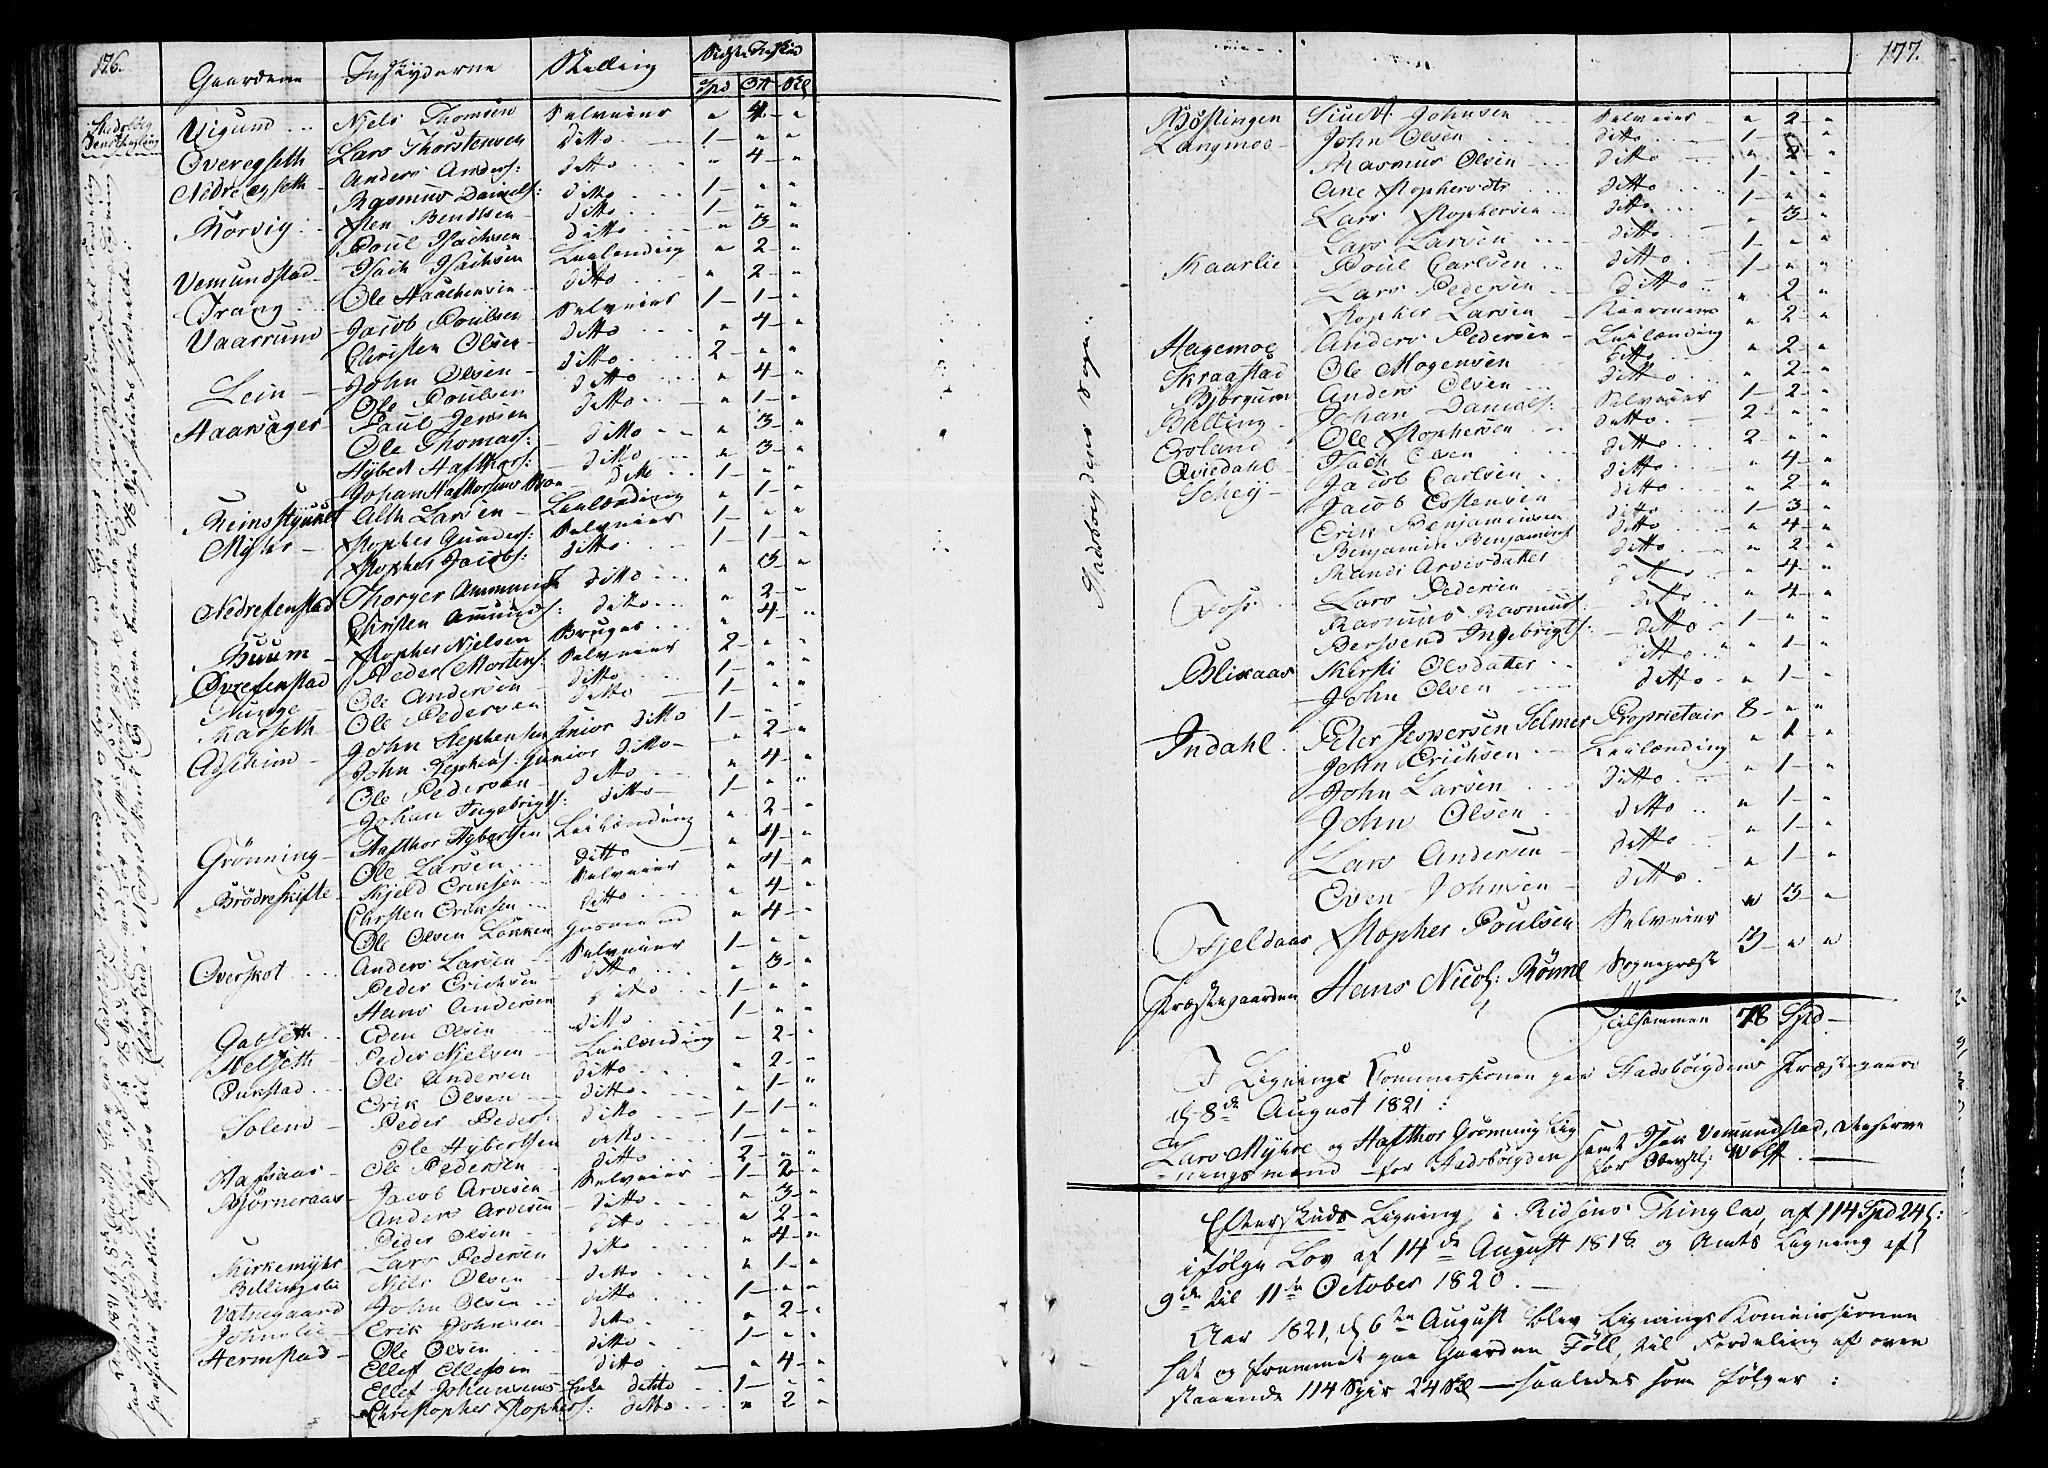 SAT, Ministerialprotokoller, klokkerbøker og fødselsregistre - Sør-Trøndelag, 646/L0607: Ministerialbok nr. 646A05, 1806-1815, s. 176-177